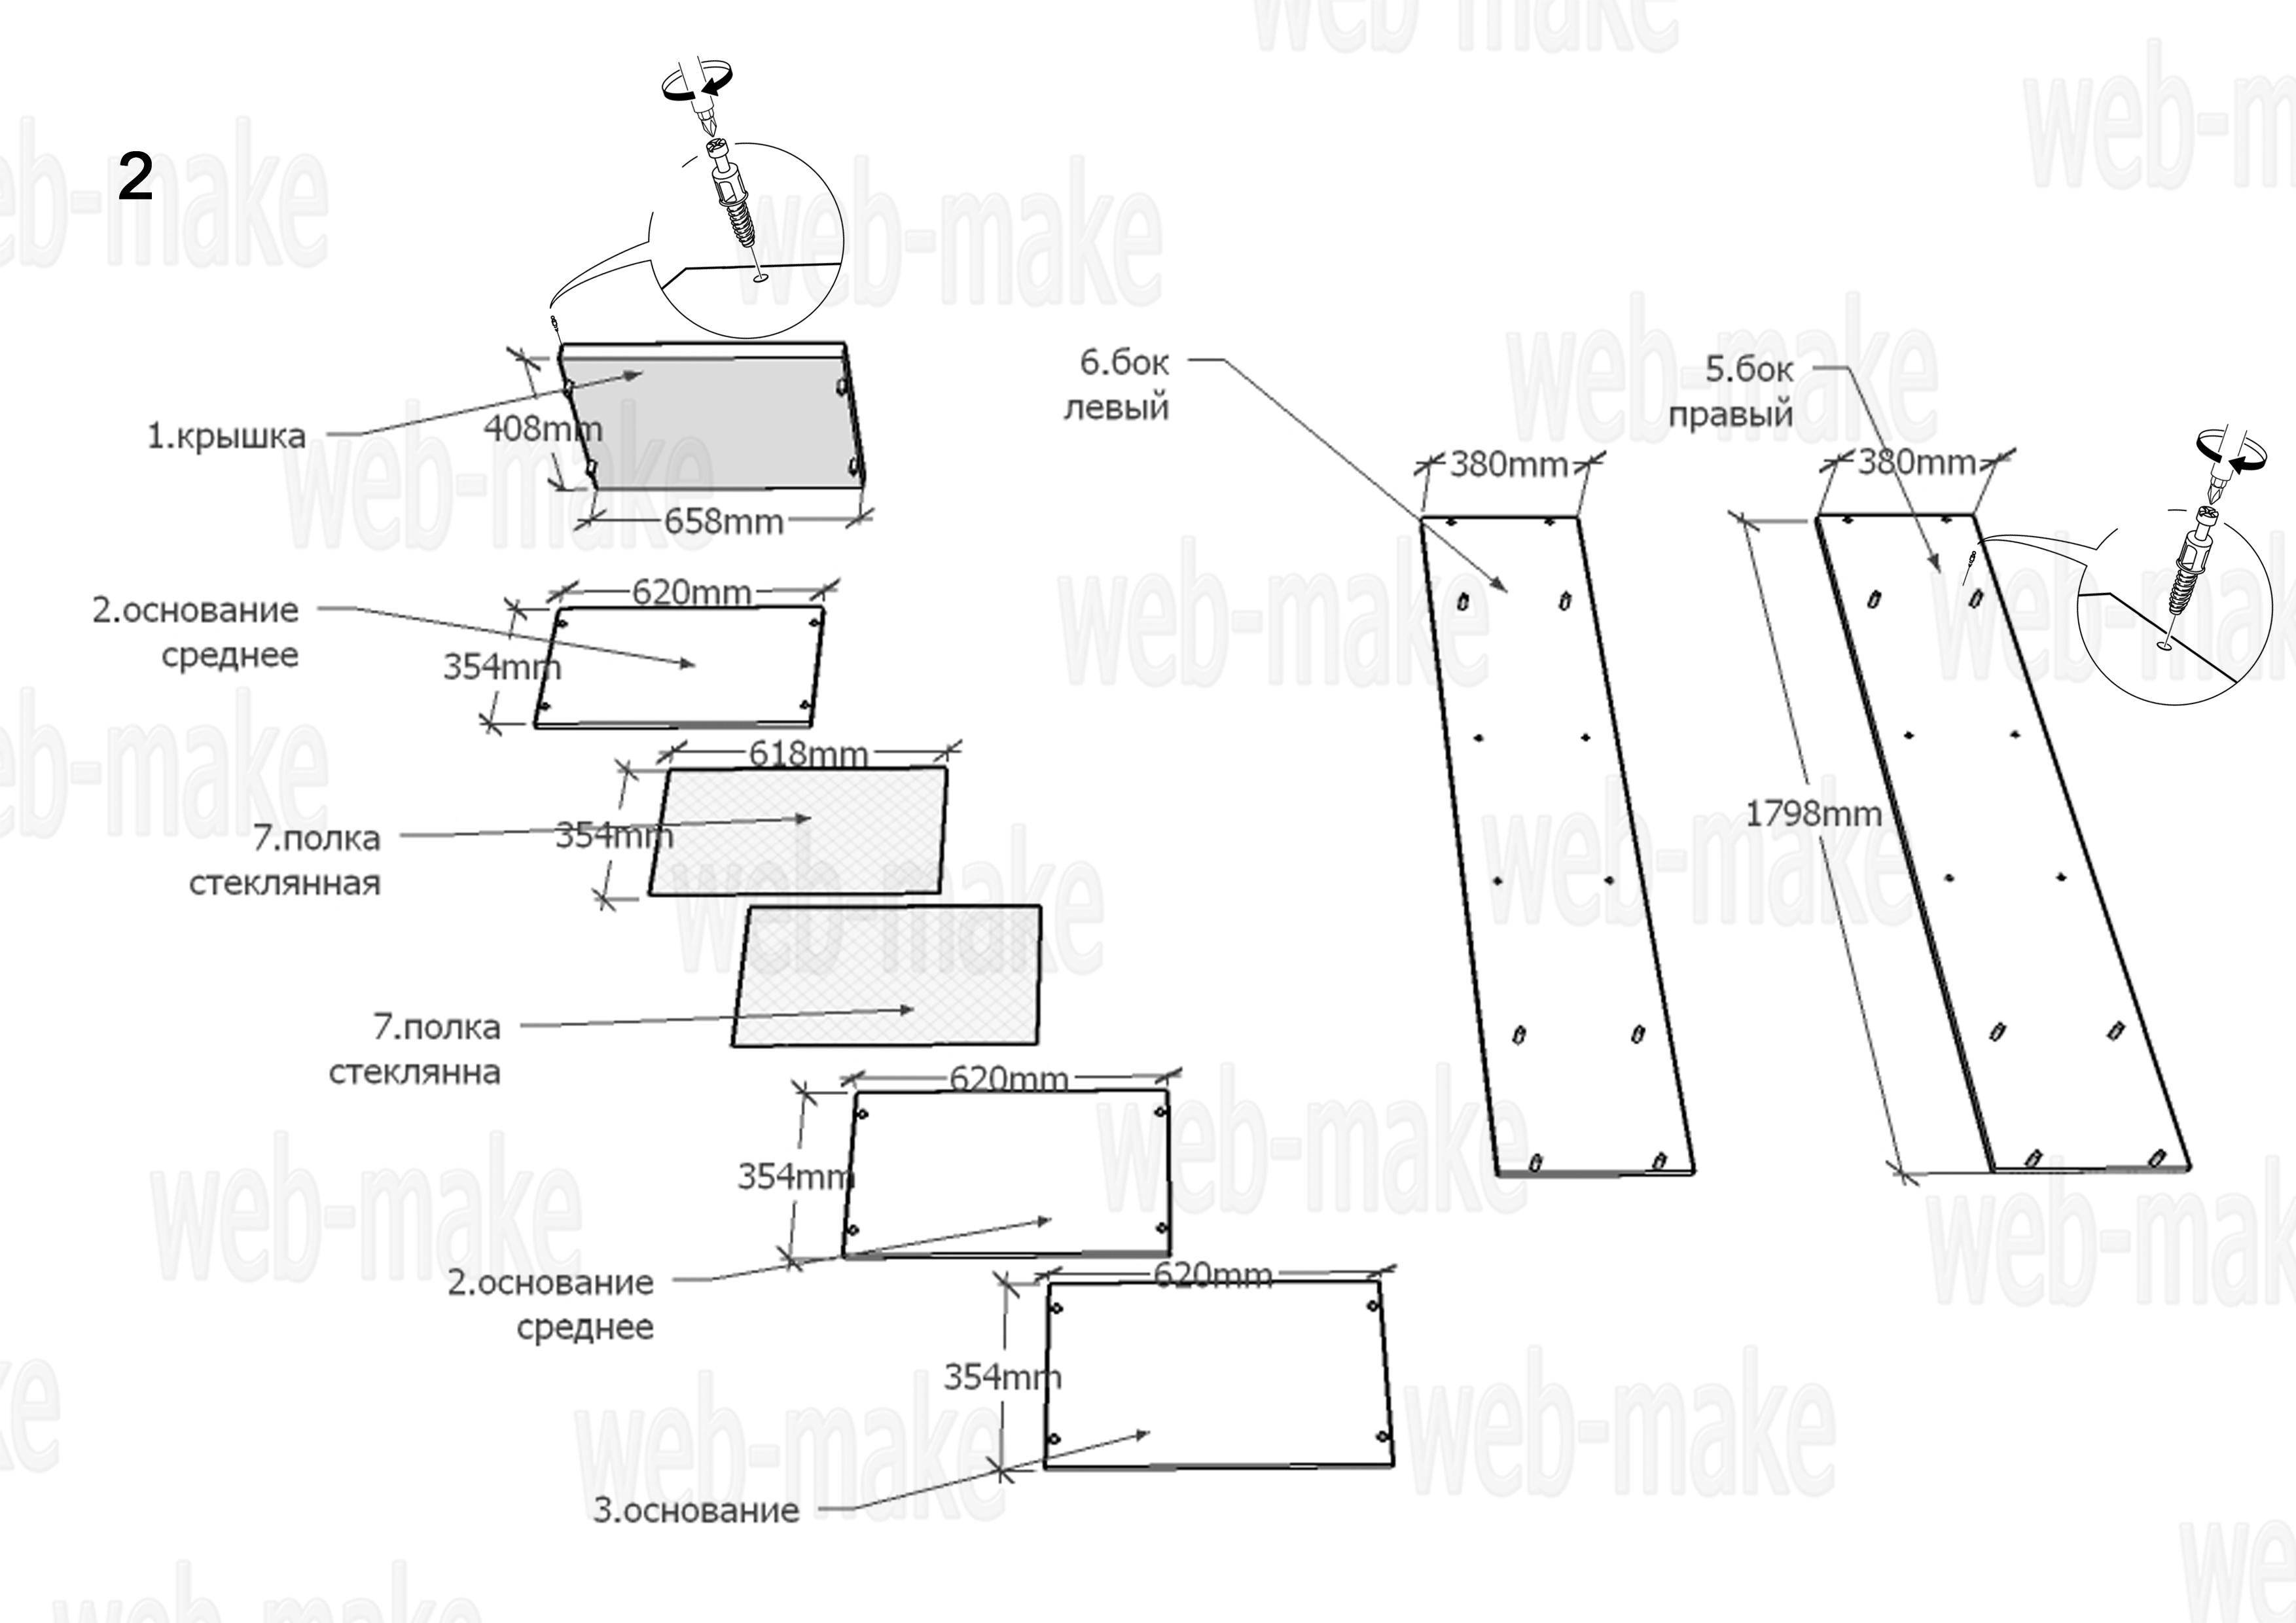 Разработка инструкции по сборке мебельного гарнитура